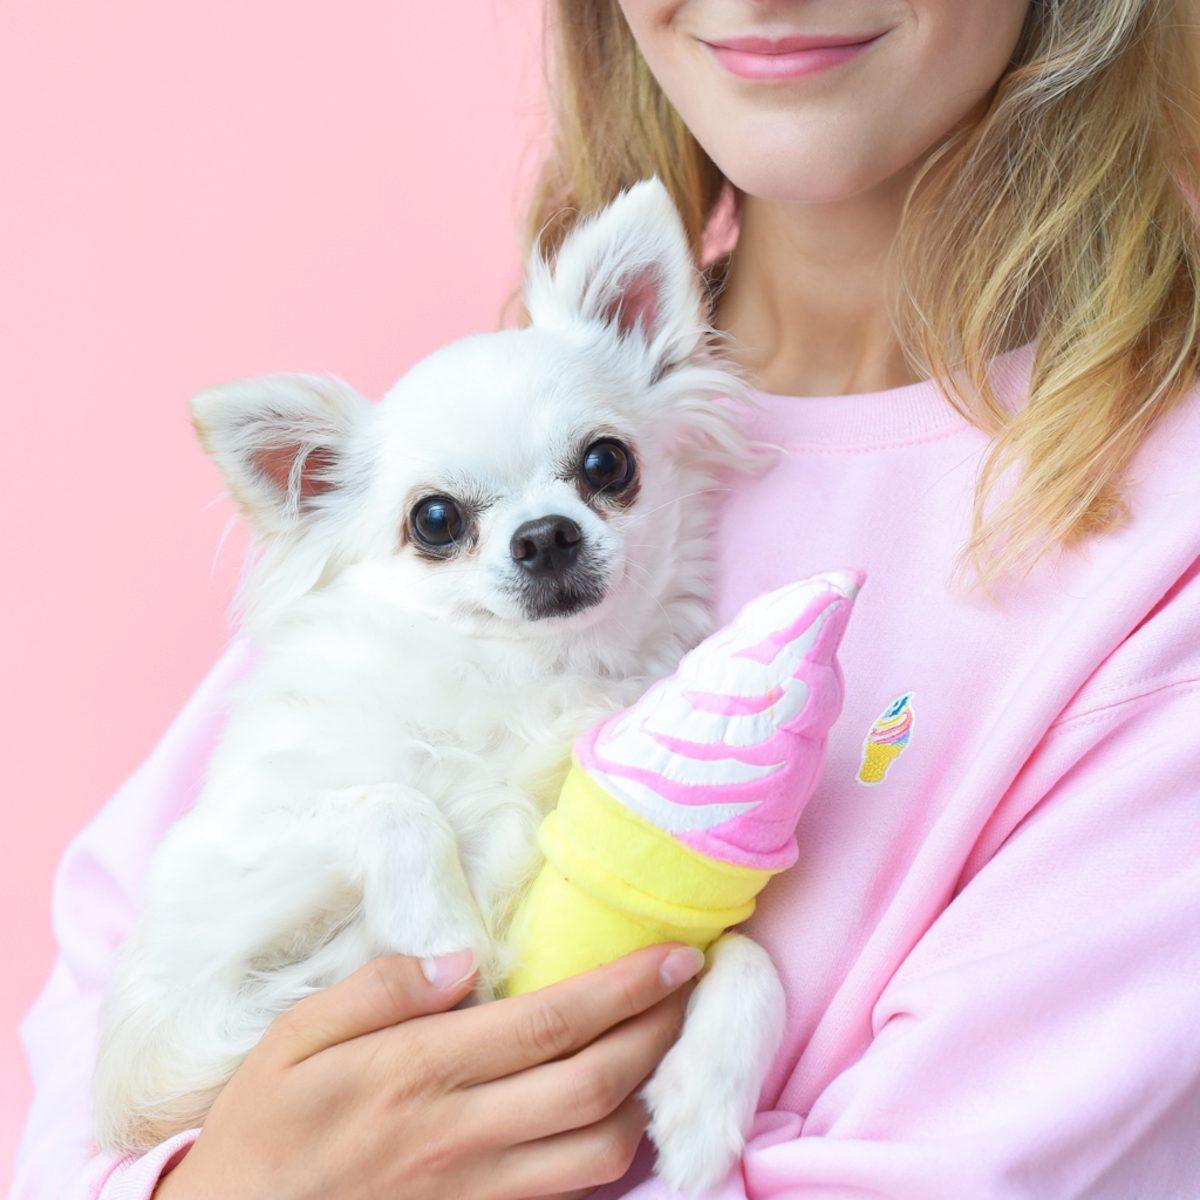 museum of ice cream ice cream cone dog toy